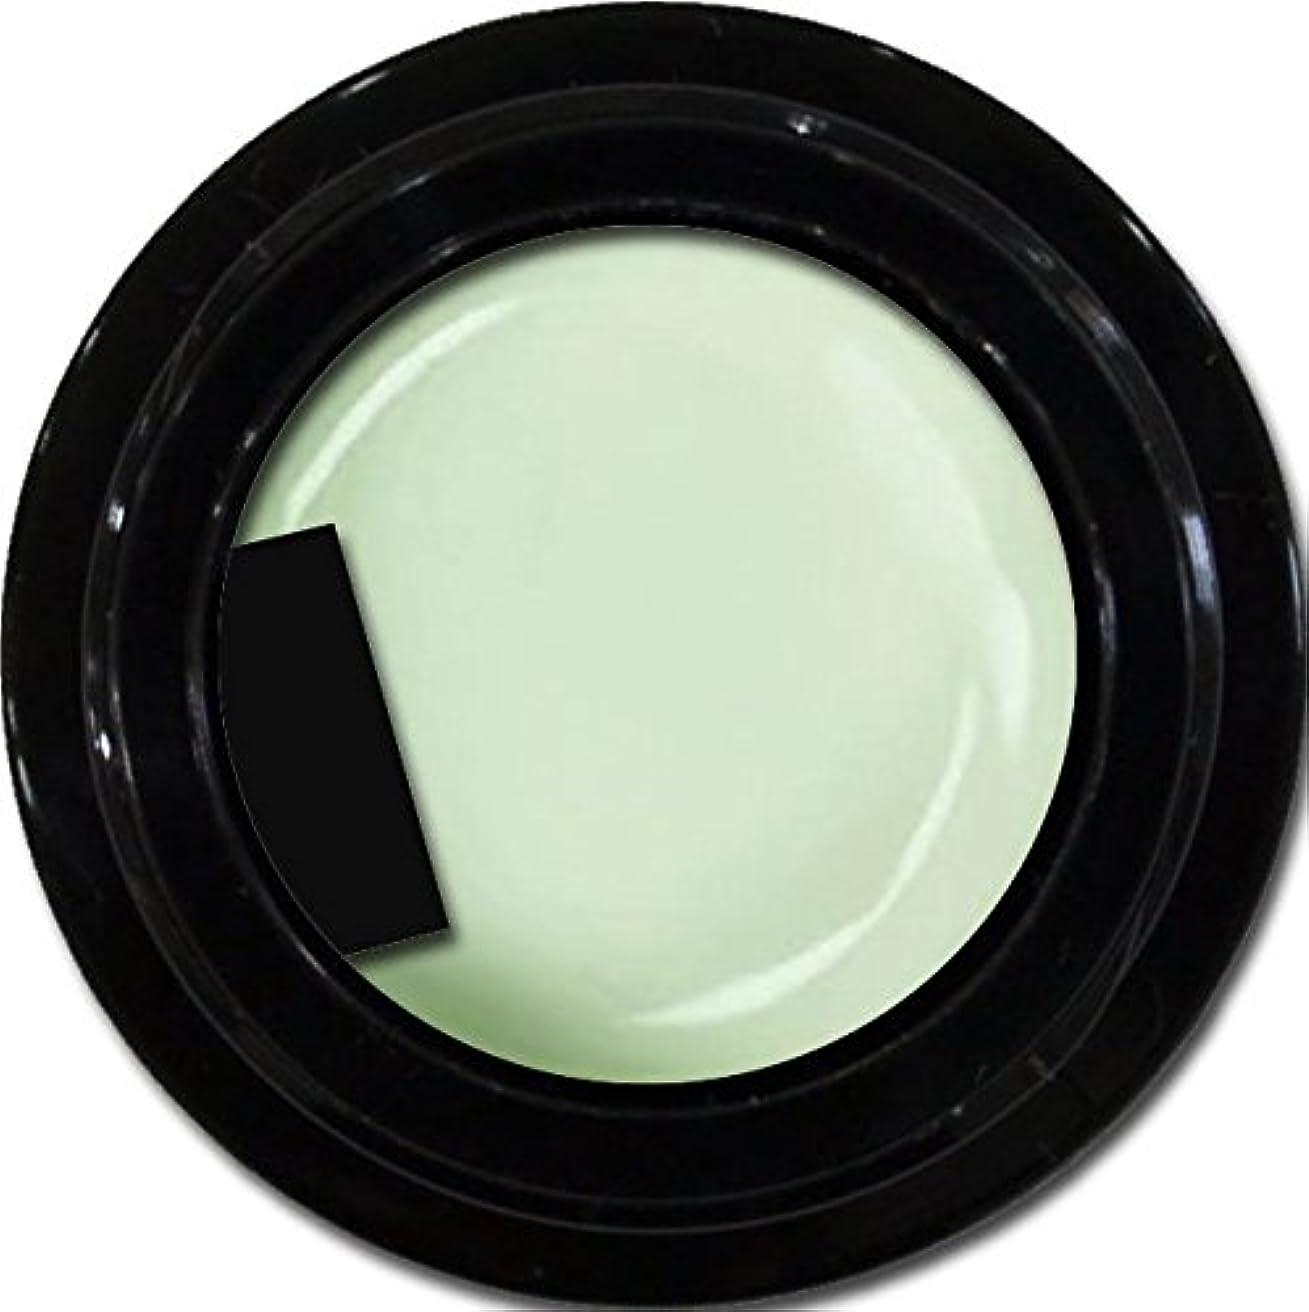 エレガント意気消沈した猫背カラージェル enchant color gel M710 Pistachio 3g/ マットカラージェル M710 ピスタチオ 3グラム